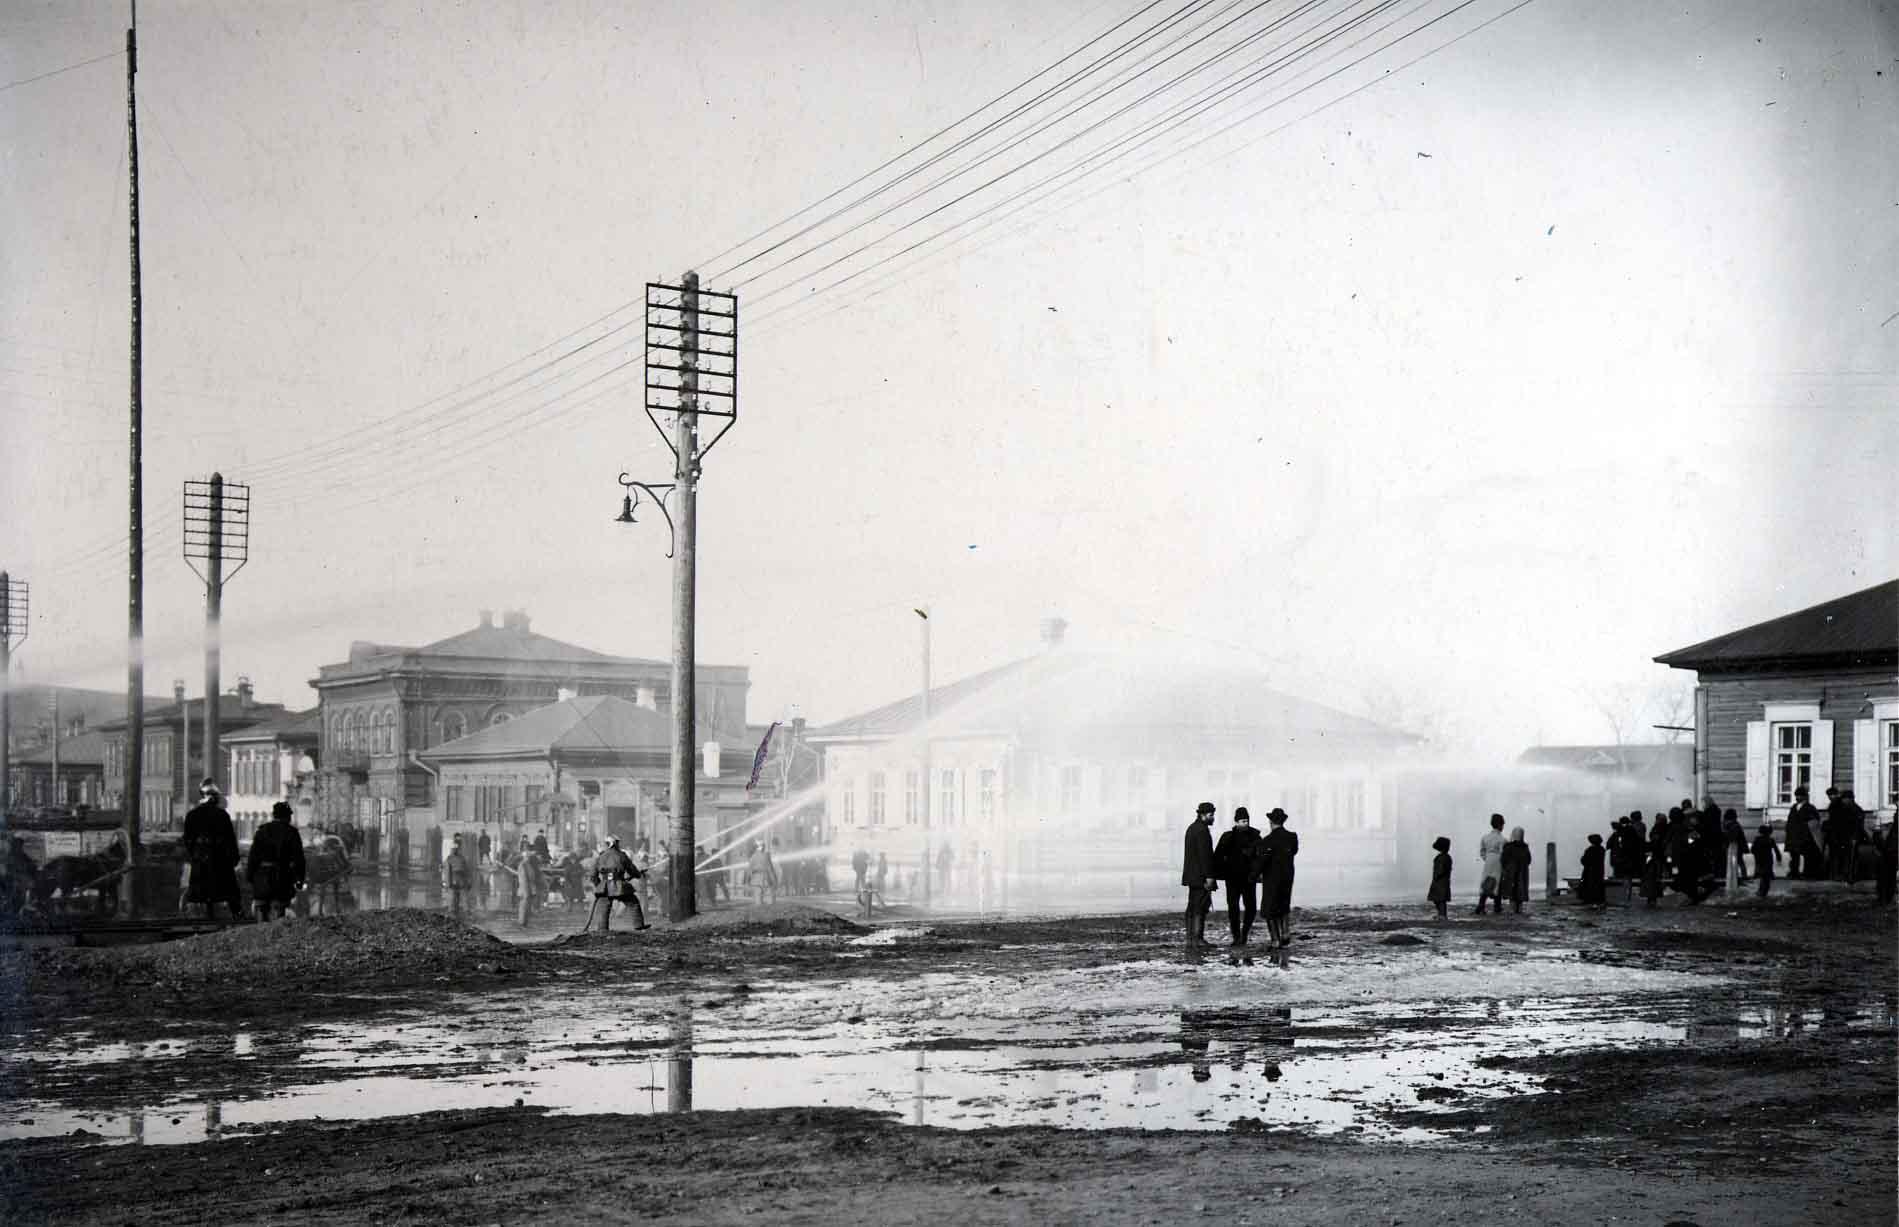 14 сентября 1913 года пожарная дружина вольно-пожарного общества, подключив рукава к гидрантам, устроила показательный водяной фейерверк на радость собравшихся горожан.